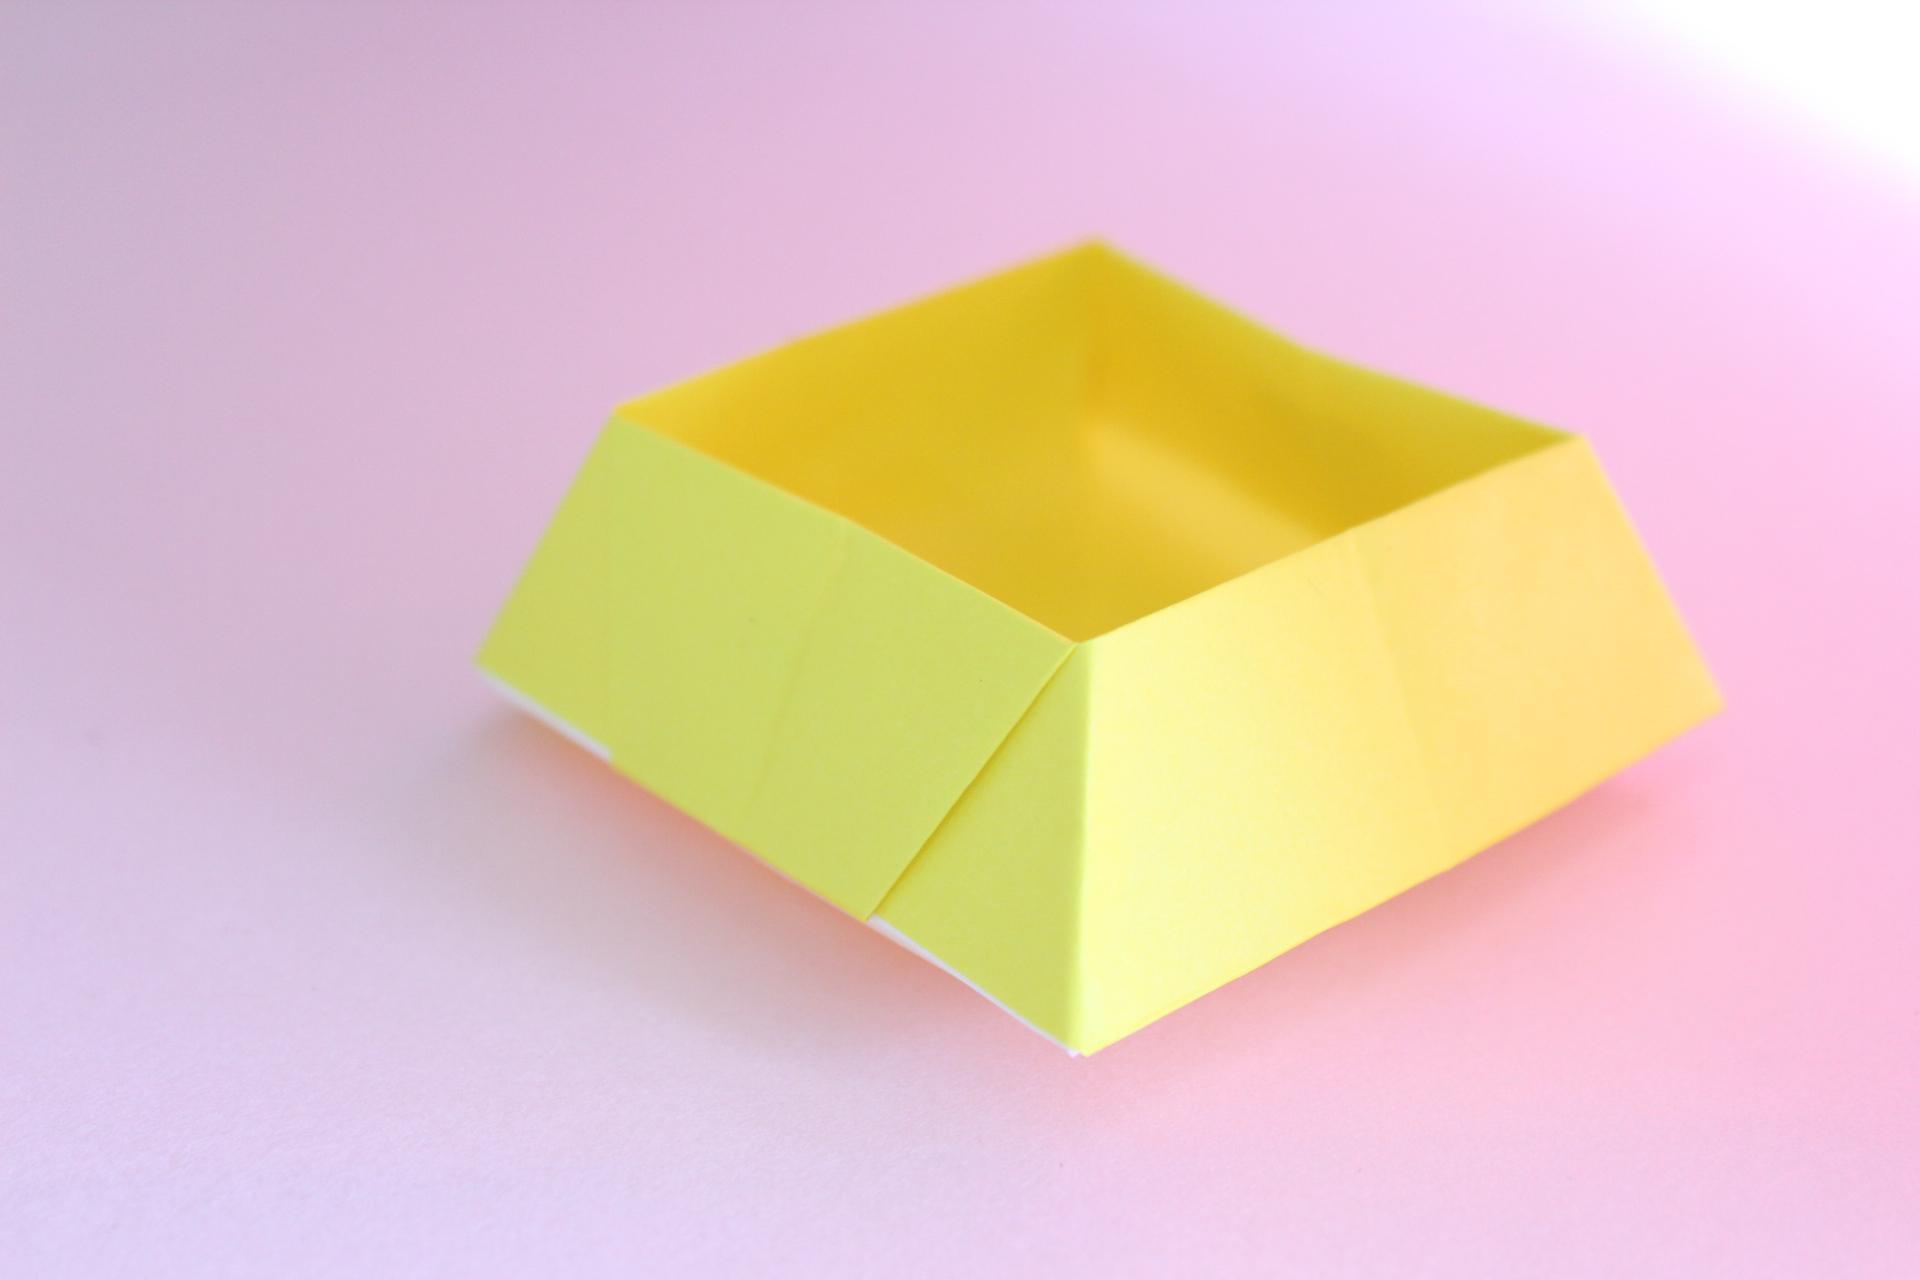 全面同じ色の菓子鉢